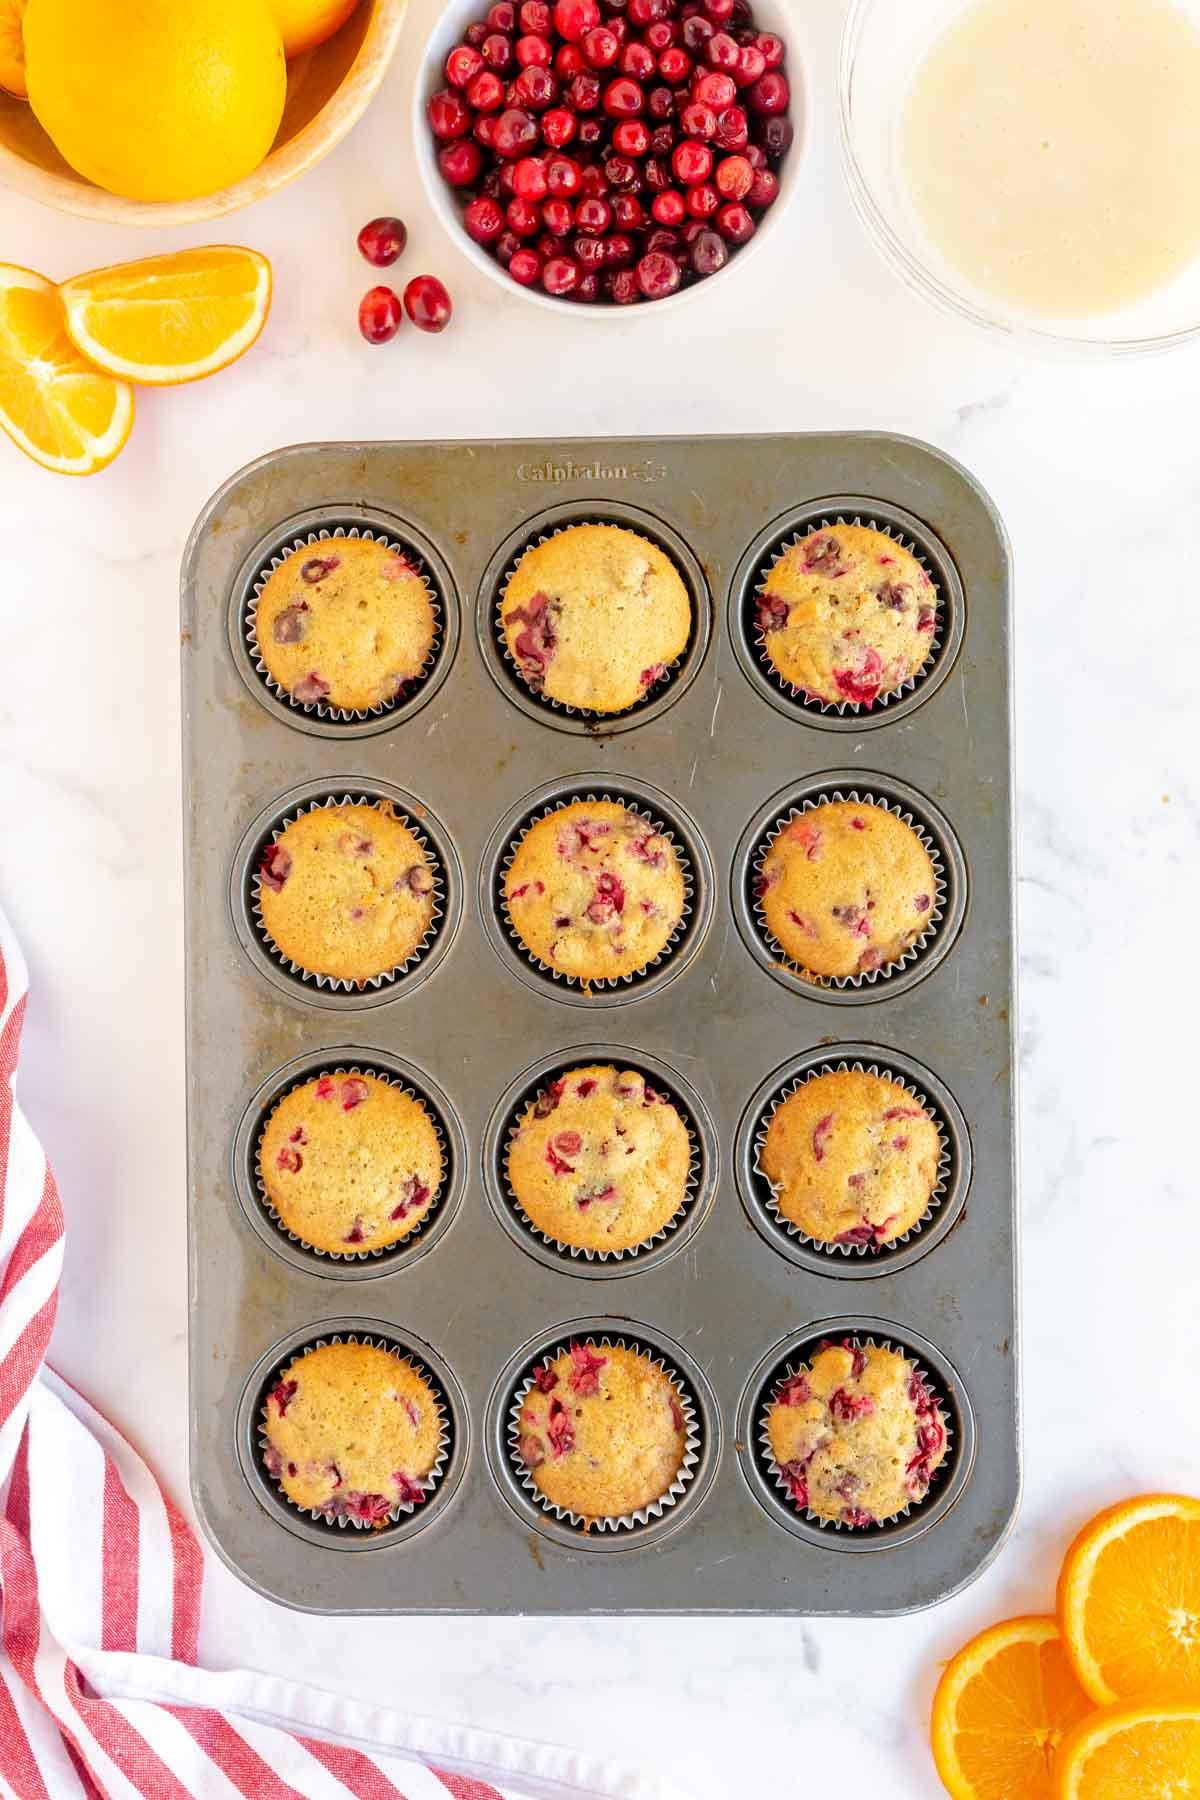 Cranberry orange muffins in muffin tins